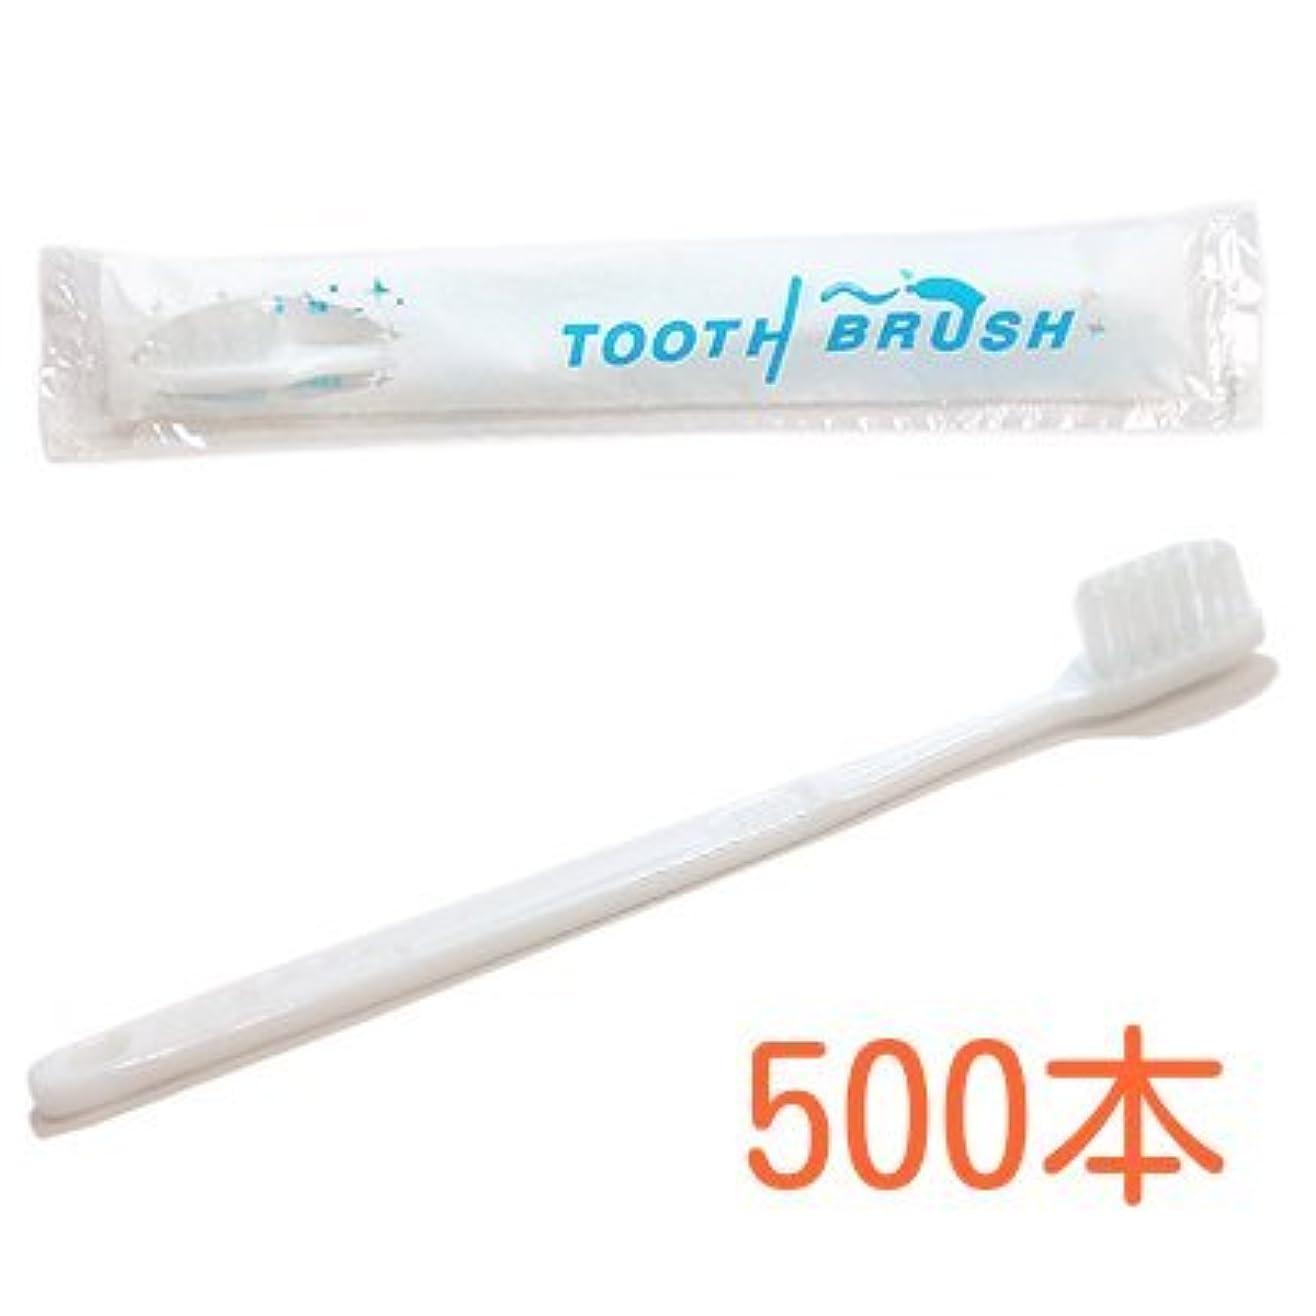 イデオロギー代わりにを立てるパーツ業務用 粉付き歯ブラシ インスタント歯ブラシ 選べるセット 500本